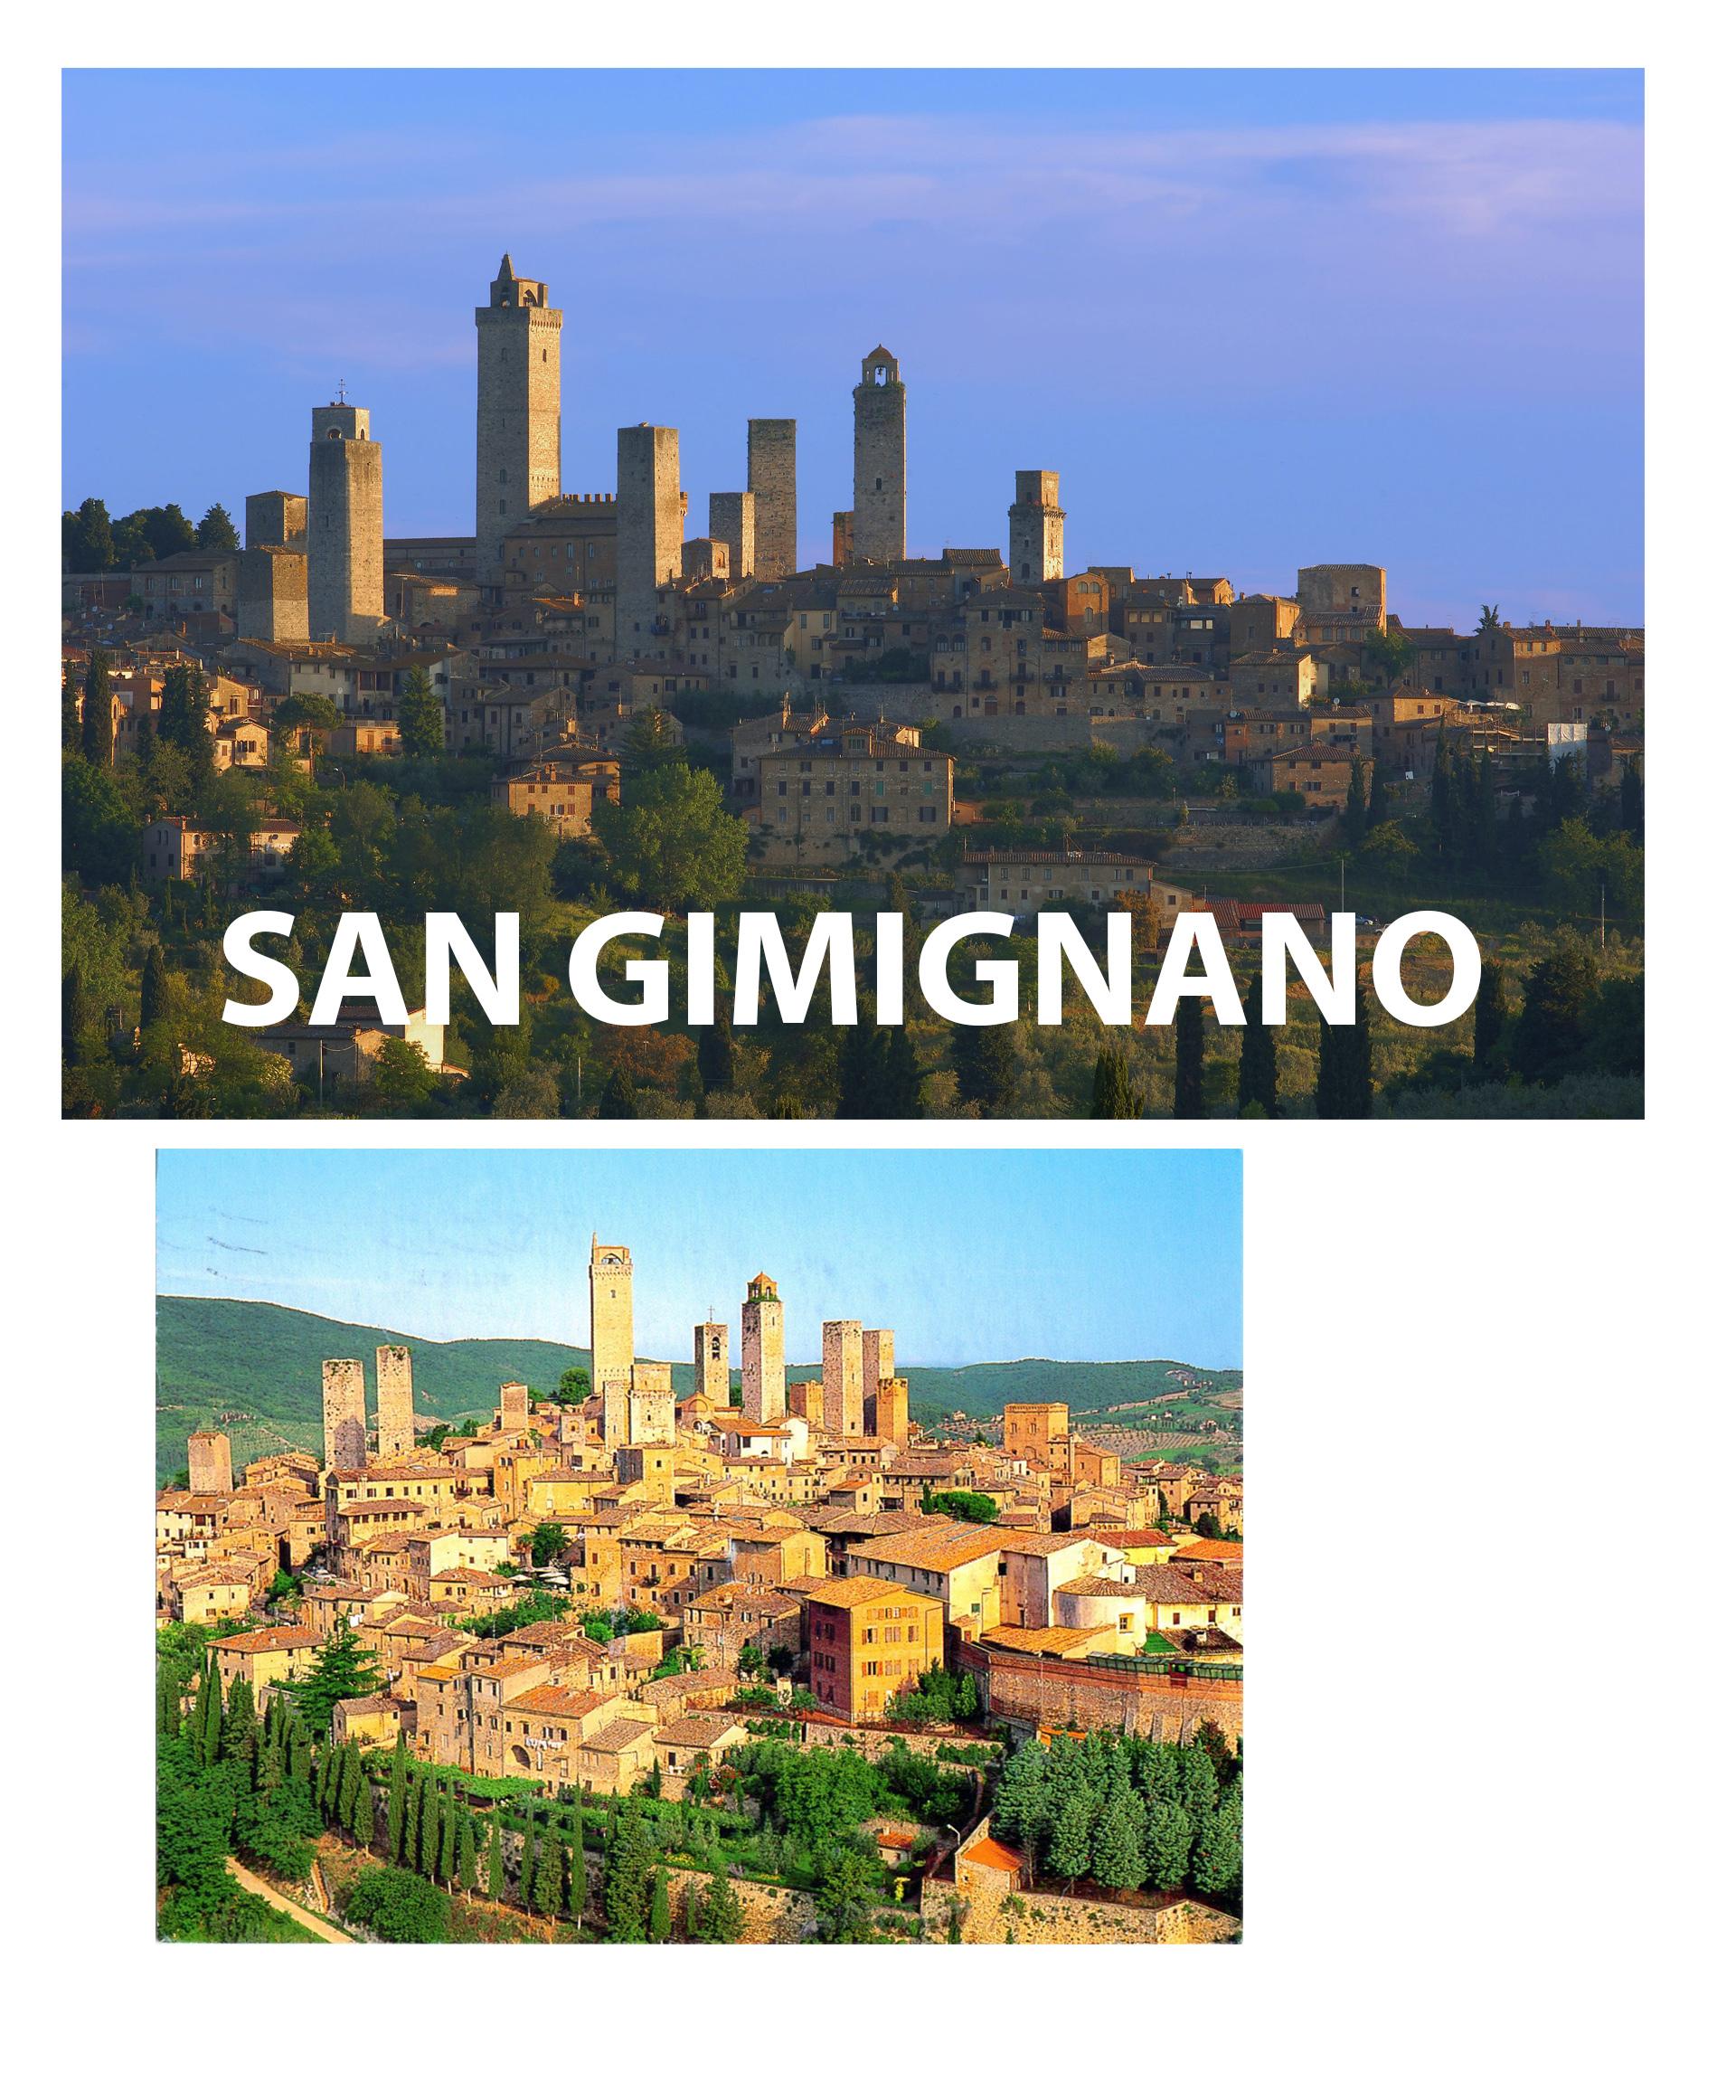 Những điểm đến tuyệt vời nhất nước Ý bạn nên đến 1 lần trong đời - 3